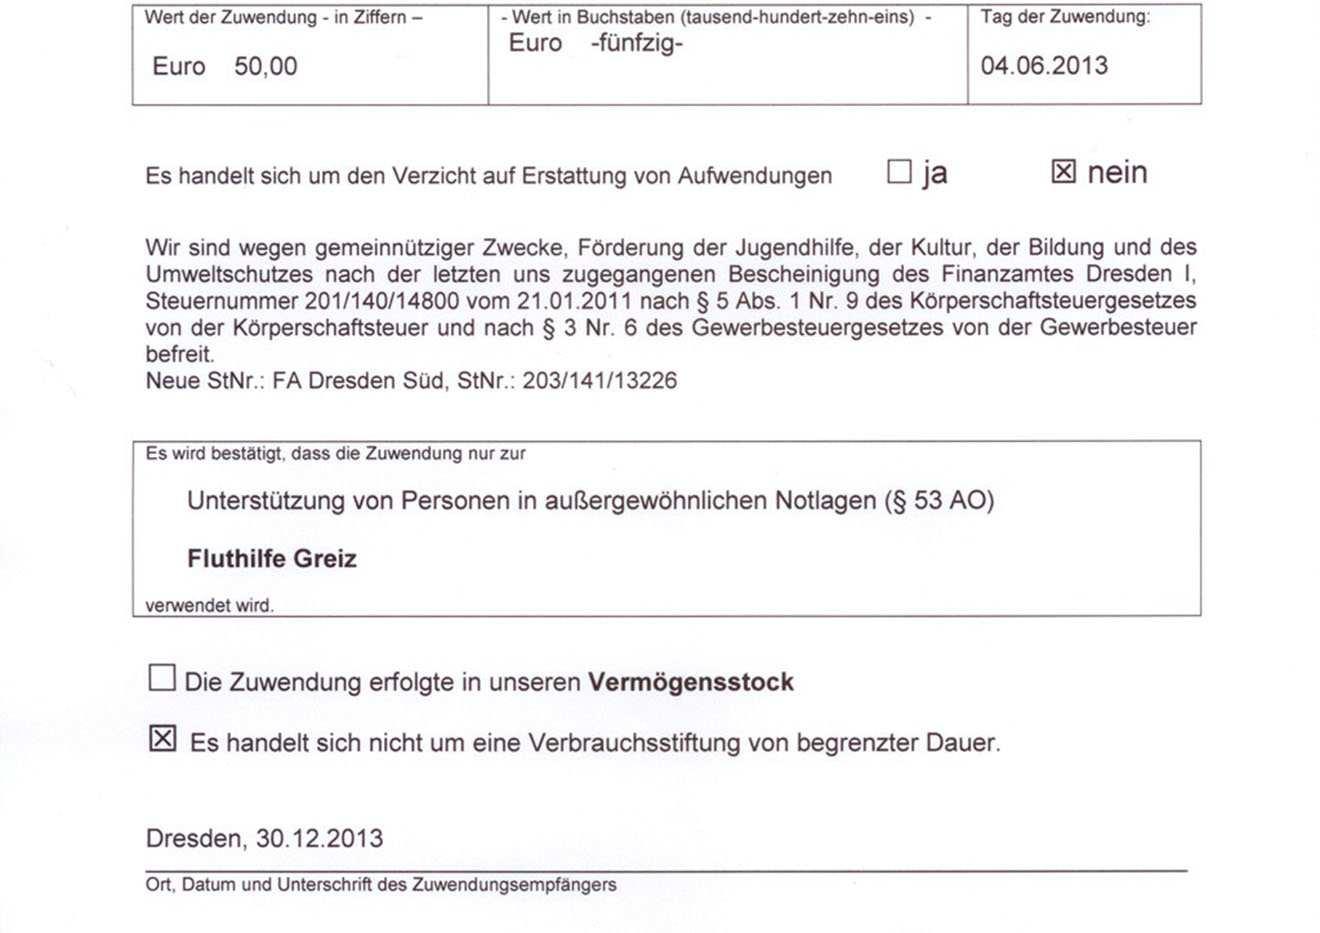 Spendenbescheinigung Werden Ausgestellt Vogtlandspiegel